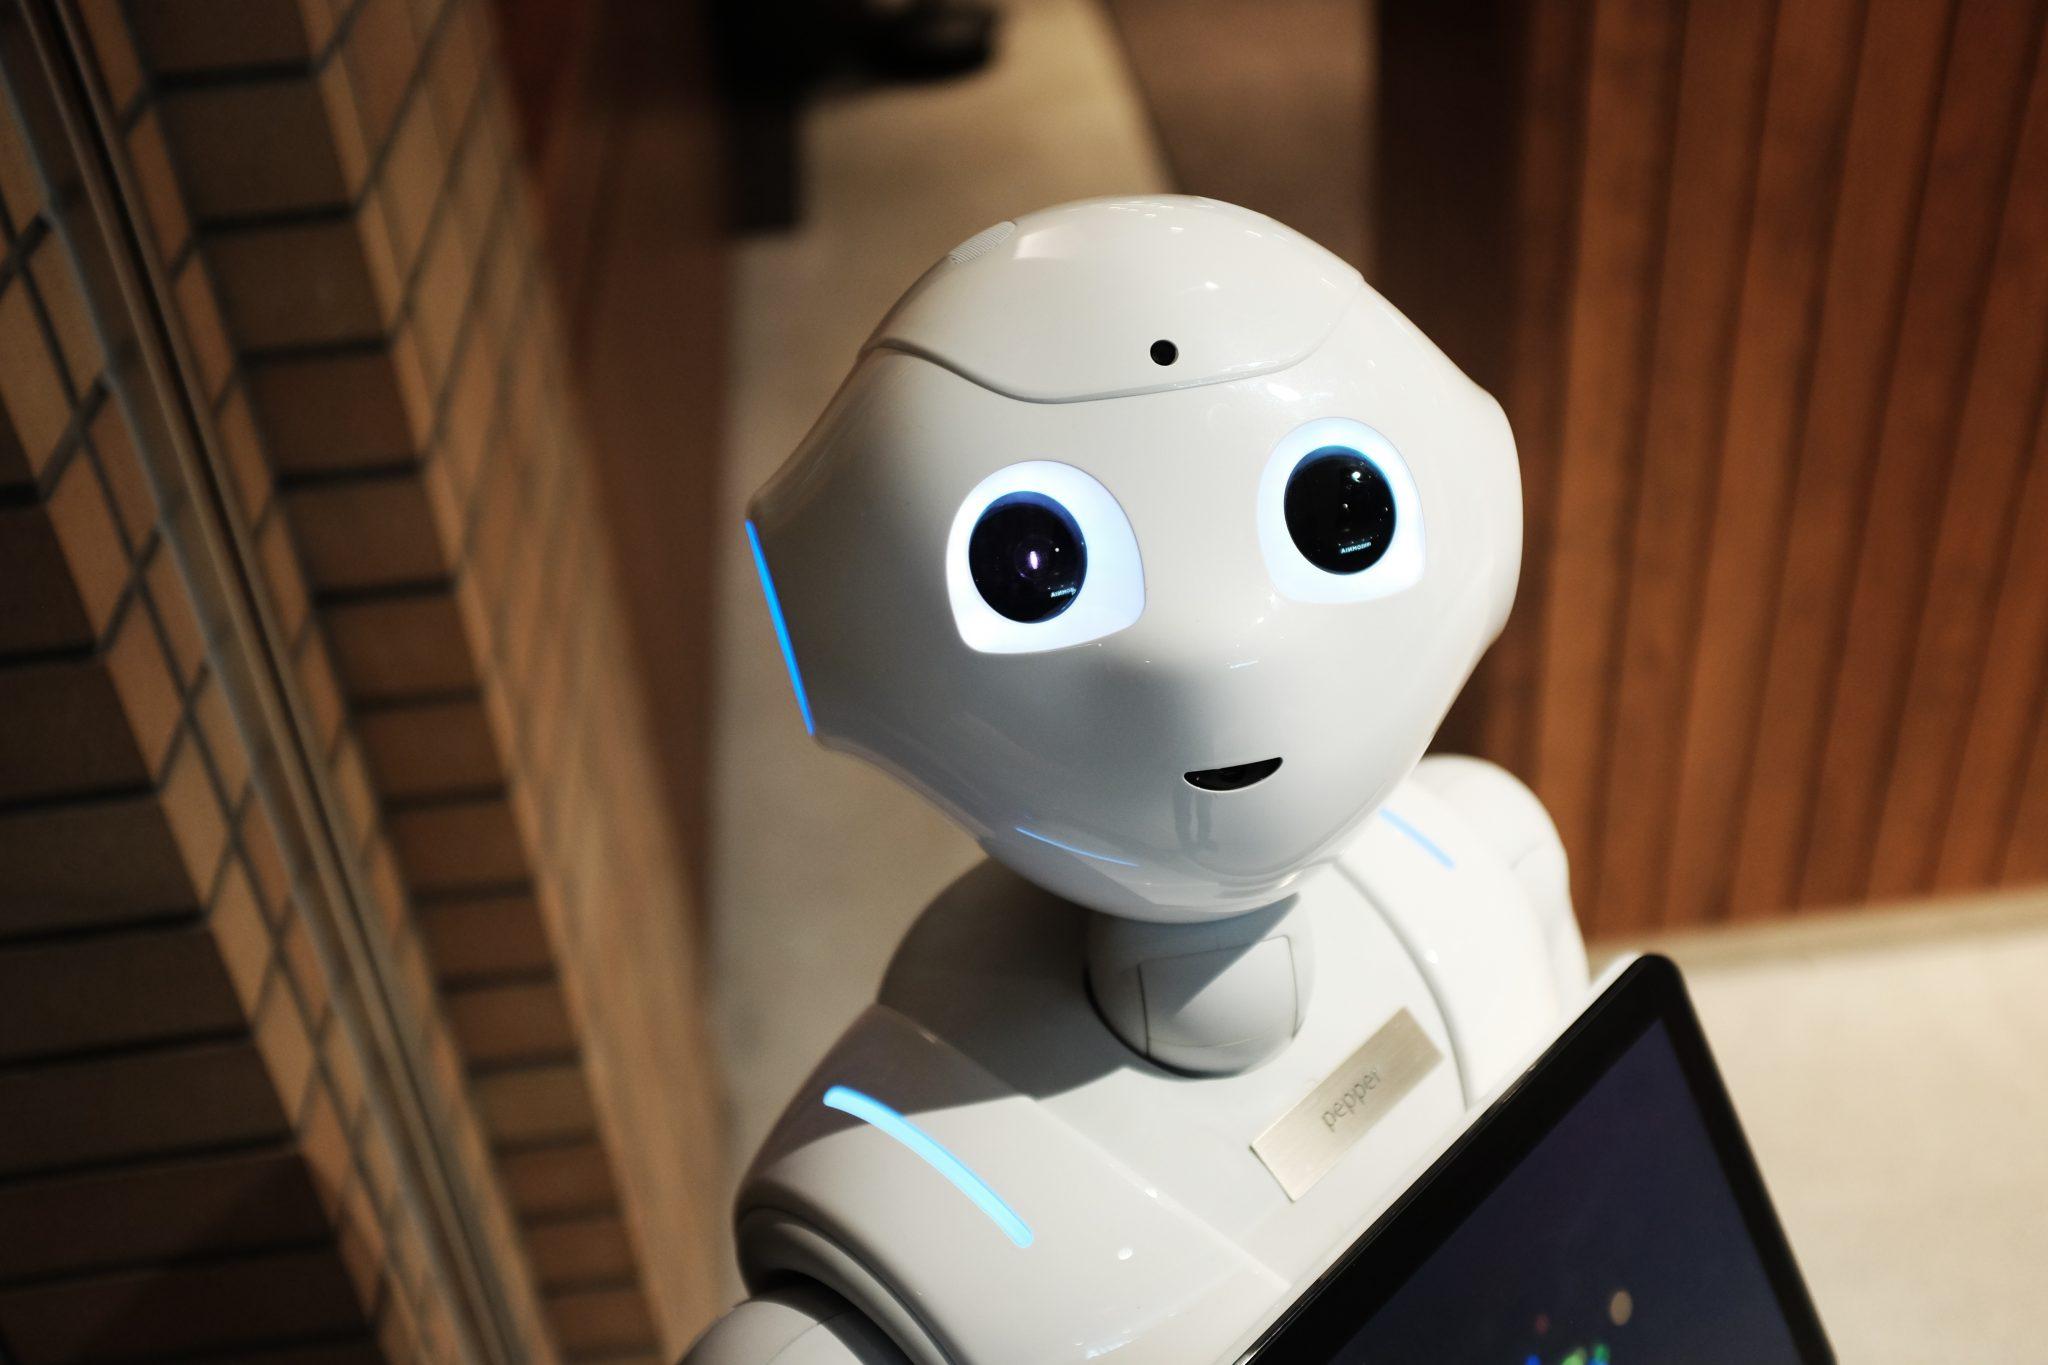 רובוט - מנוע חיפוש